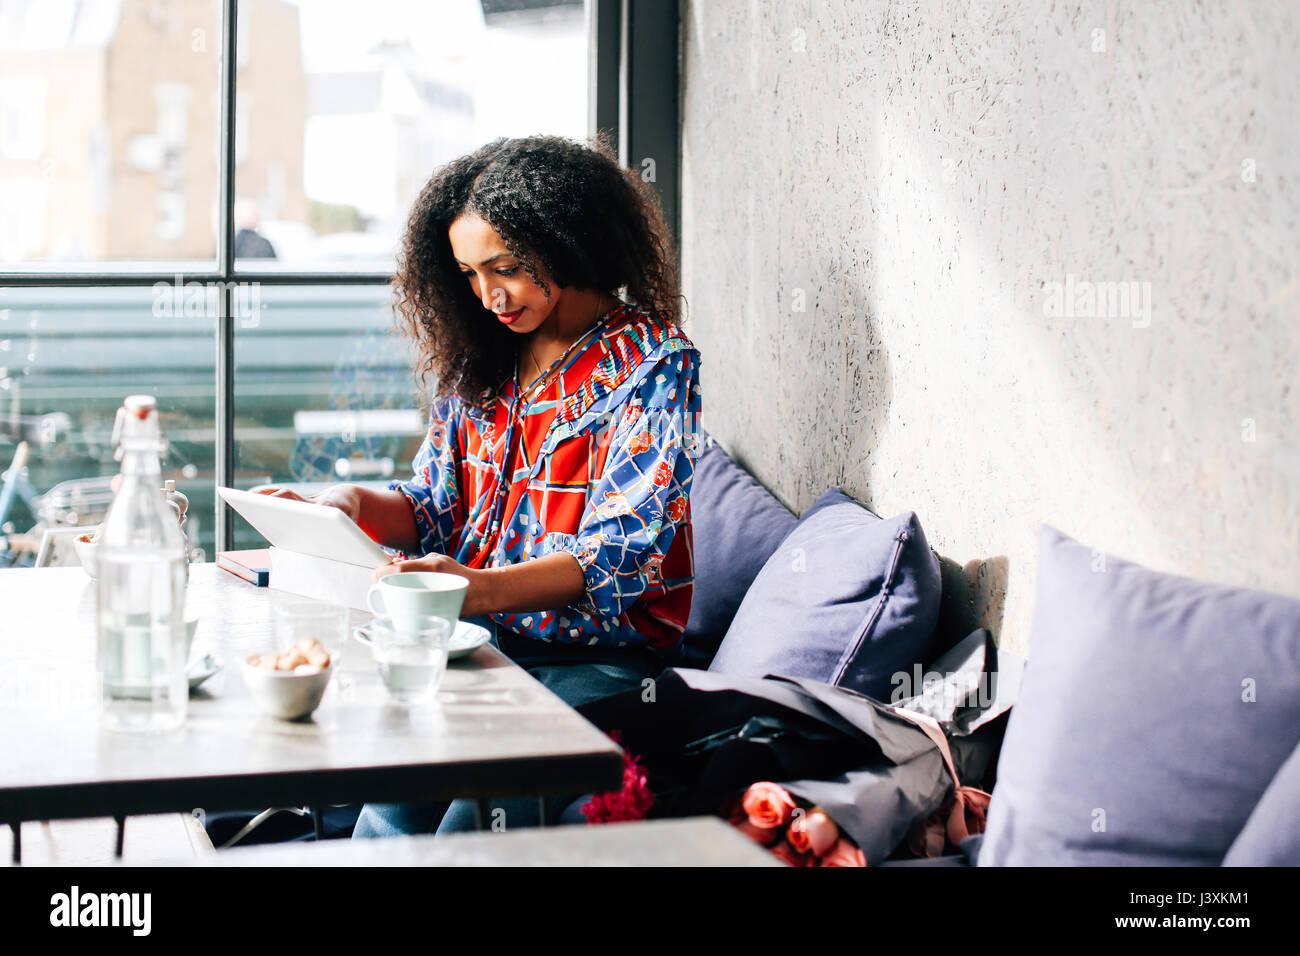 Mujer adulta media utilizando digital comprimido en cafe Imagen De Stock